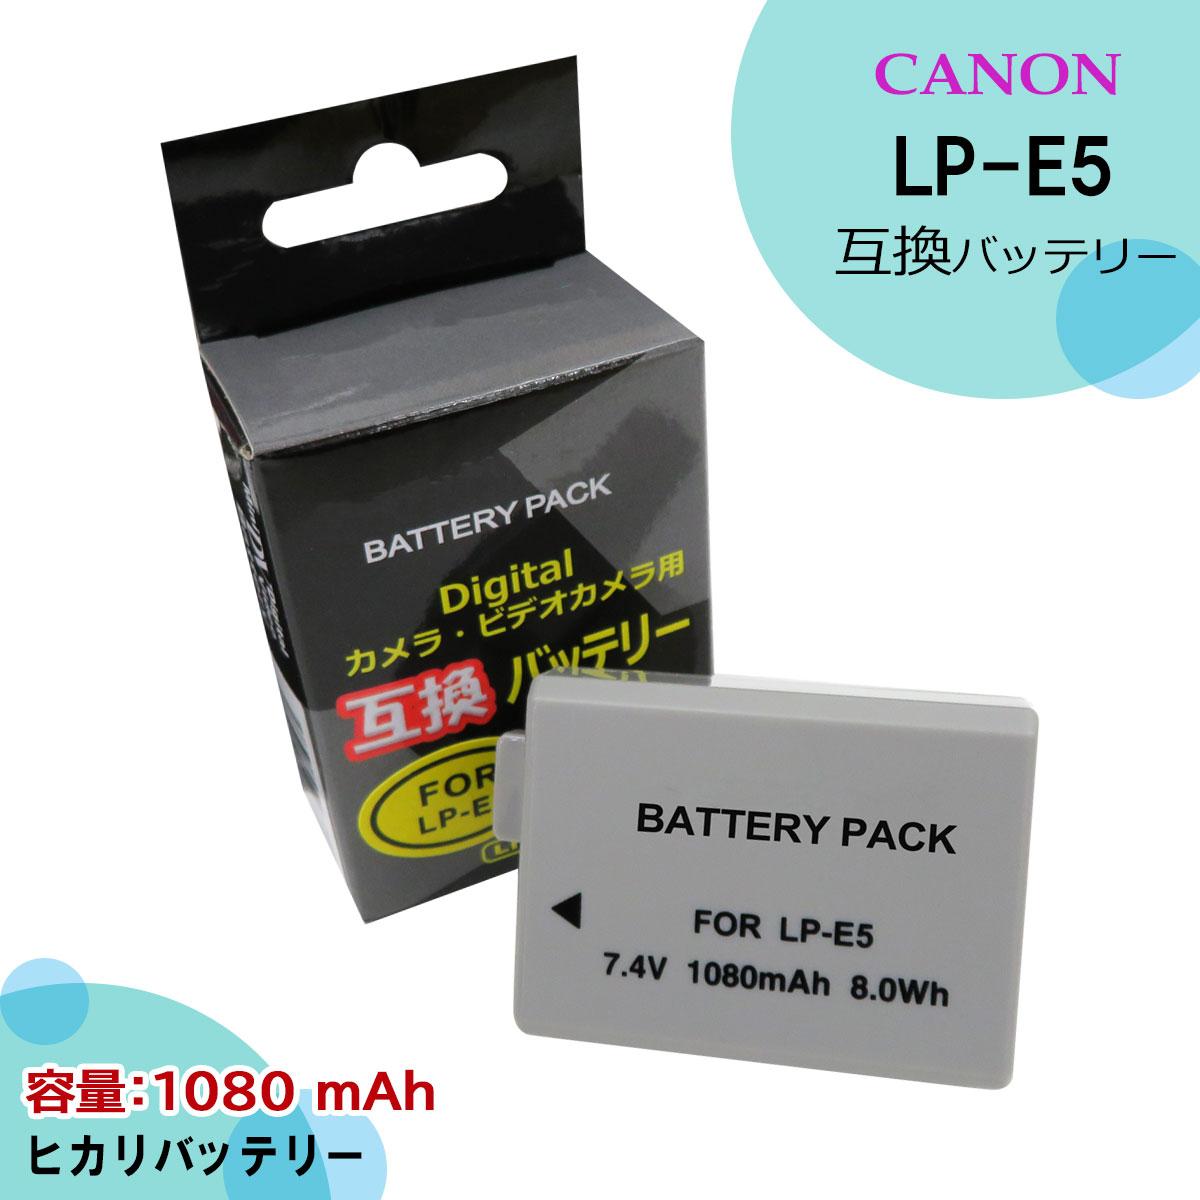 デジタルカメラ用アクセサリー, バッテリーパック CANON LP-E5 1 EOS 450D EOS 1000D EOS Kiss F EOS Kiss X2 EOS Kiss X3 EOS Rebel XS EOS Rebel Xsi